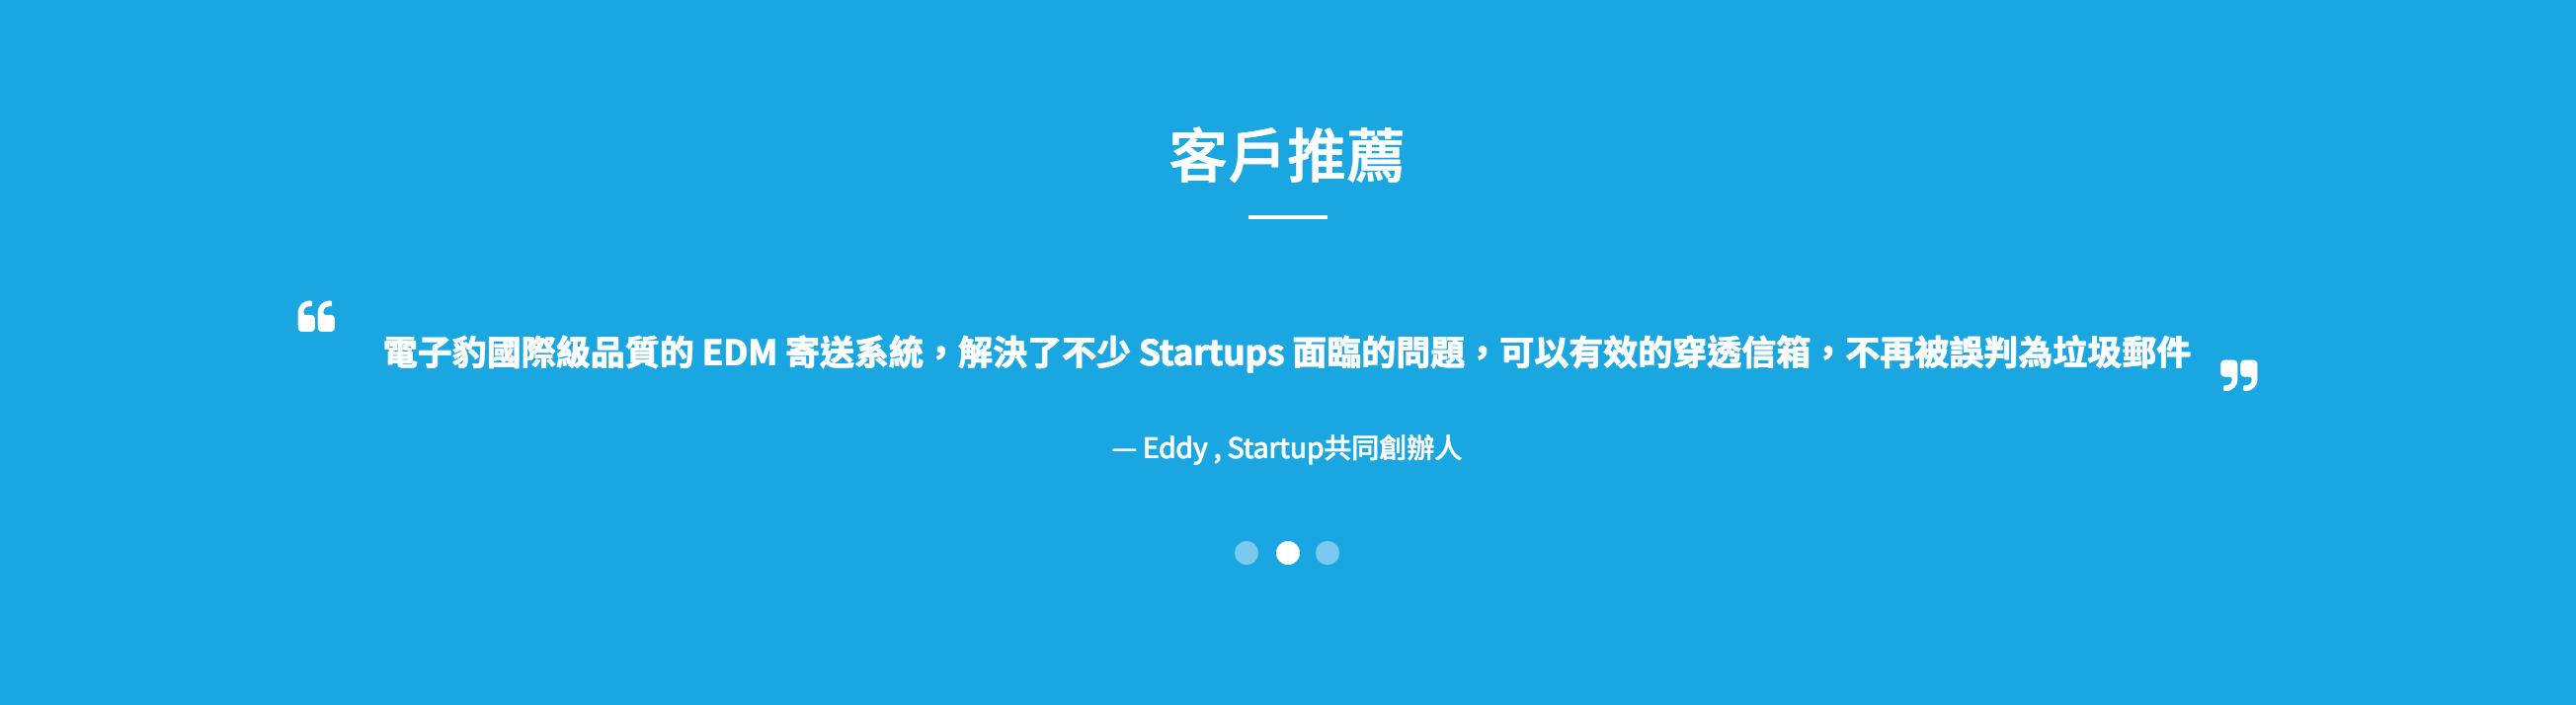 台灣電商EDM寄送平台